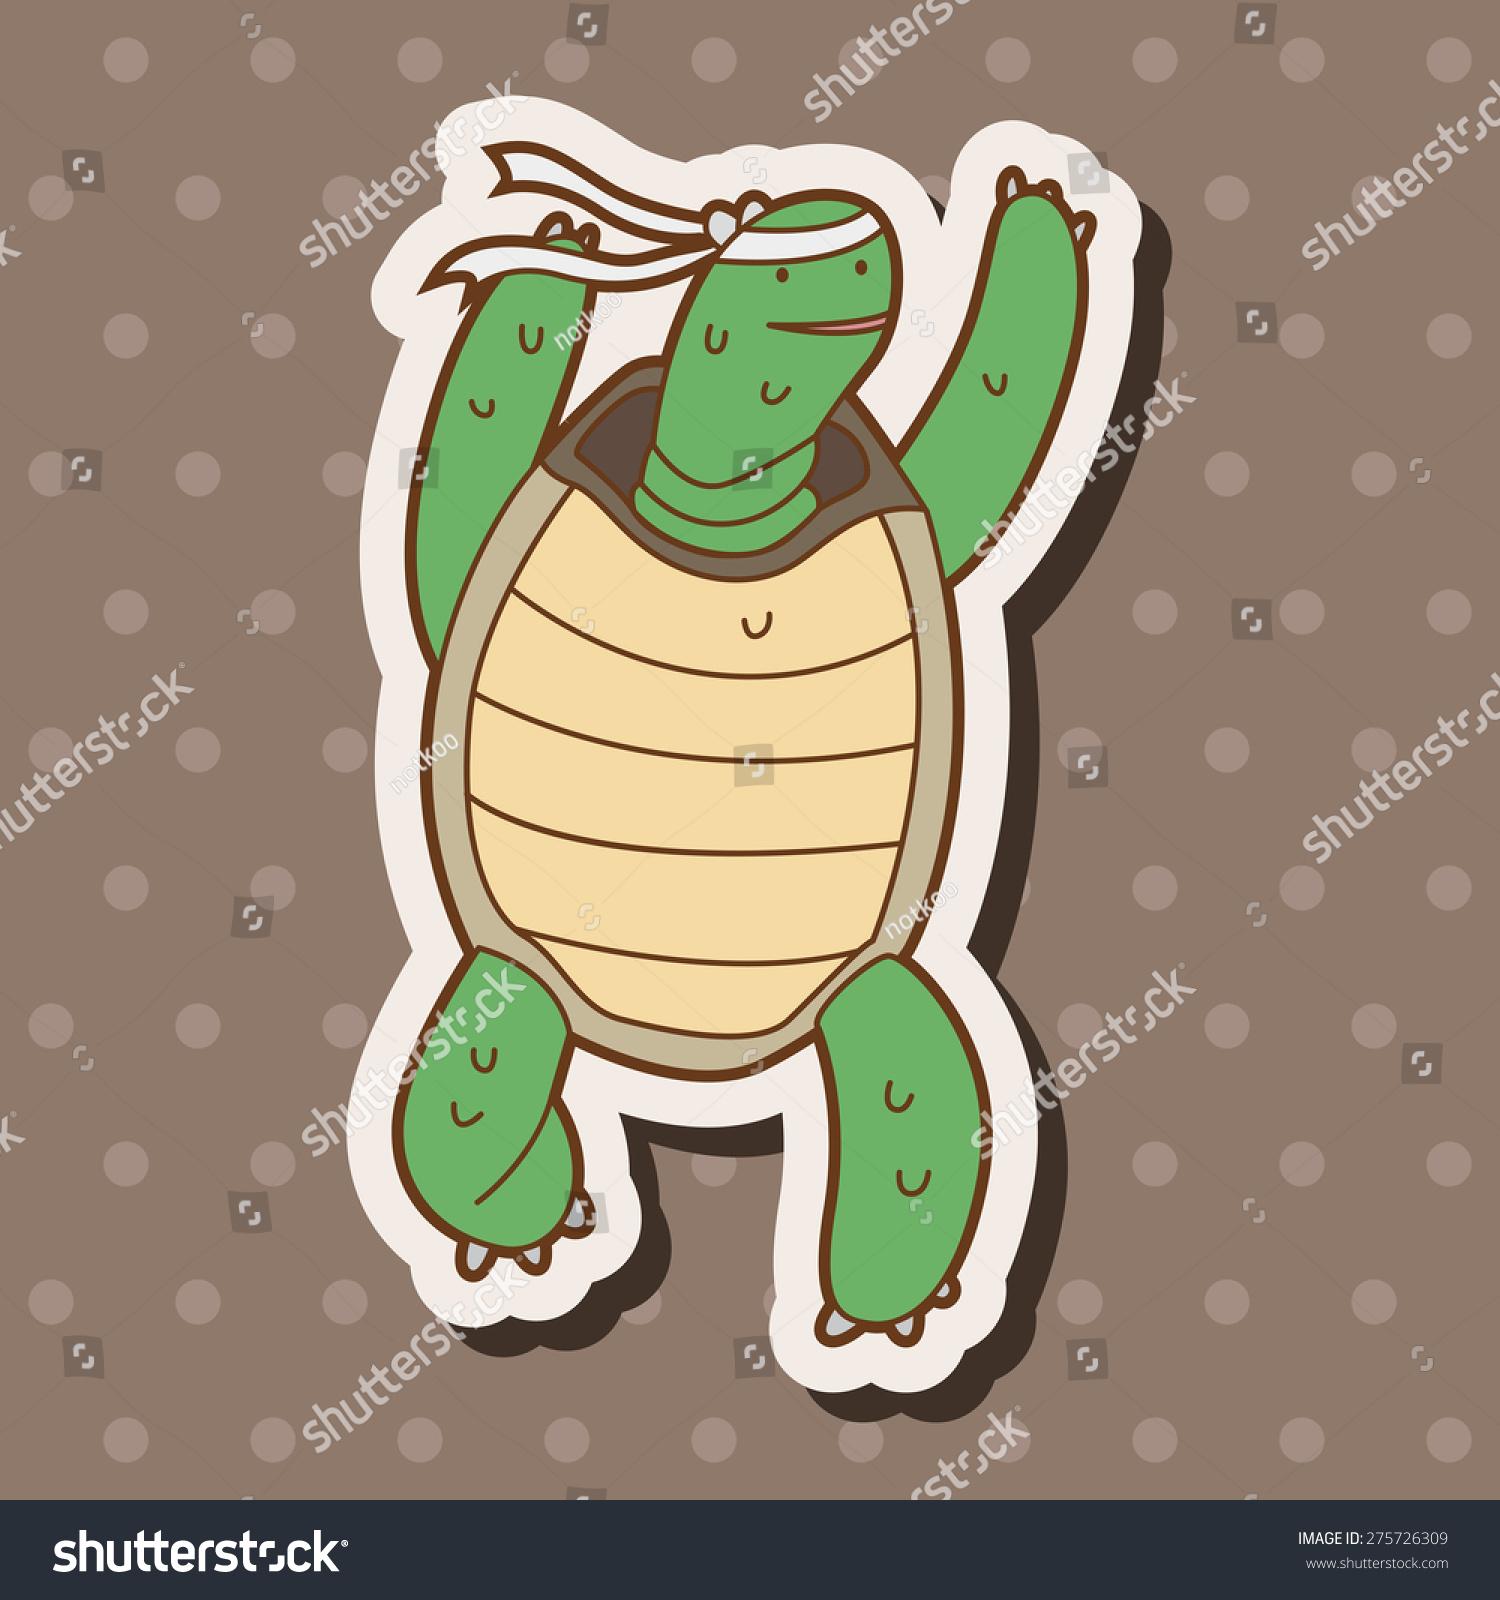 乌龟和兔子,卡通贴纸图标 - 物体 - 站酷海洛创意正版图片,视频,音乐素材交易平台 - Shutterstock中国独家合作伙伴 - 站酷旗下品牌